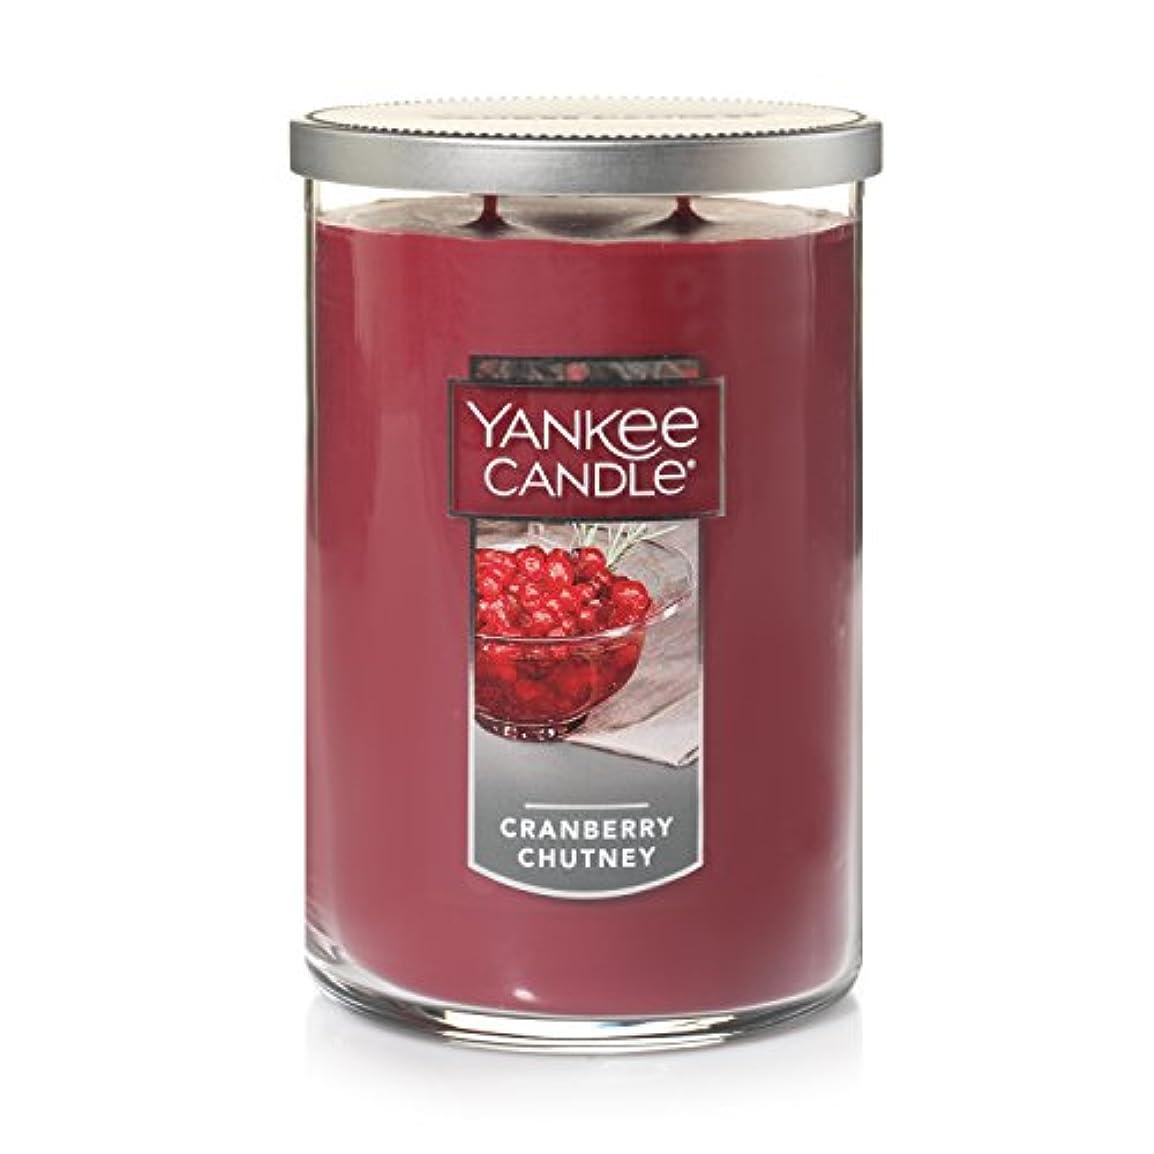 お香あいまい同行するYankee CandleクランベリーChutney、フルーツ香り Large 2-Wick Tumbler Candle オレンジ 1123208